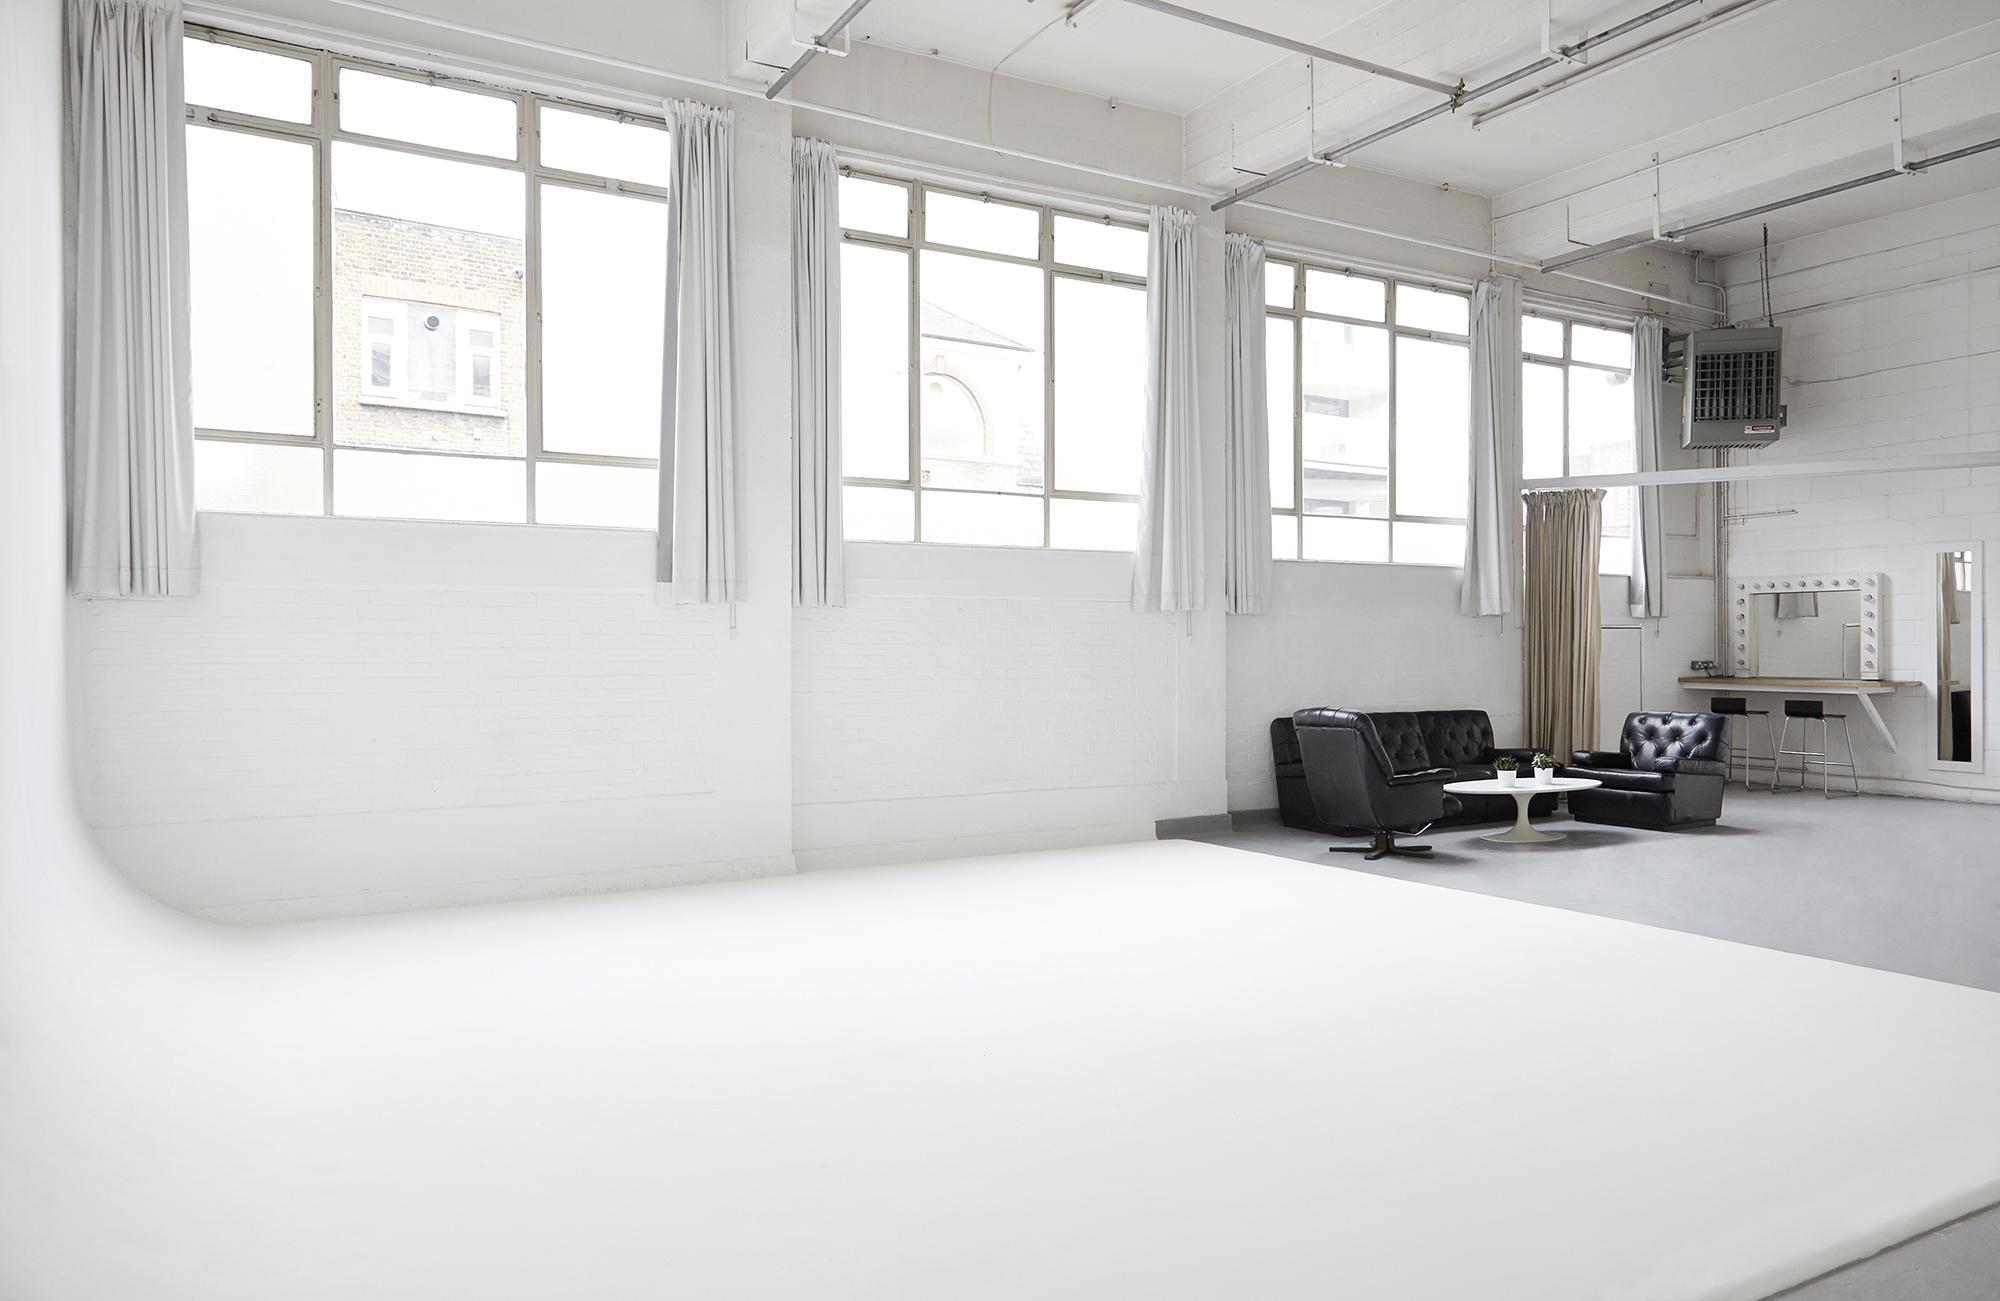 Studio 3 - back left.jpg